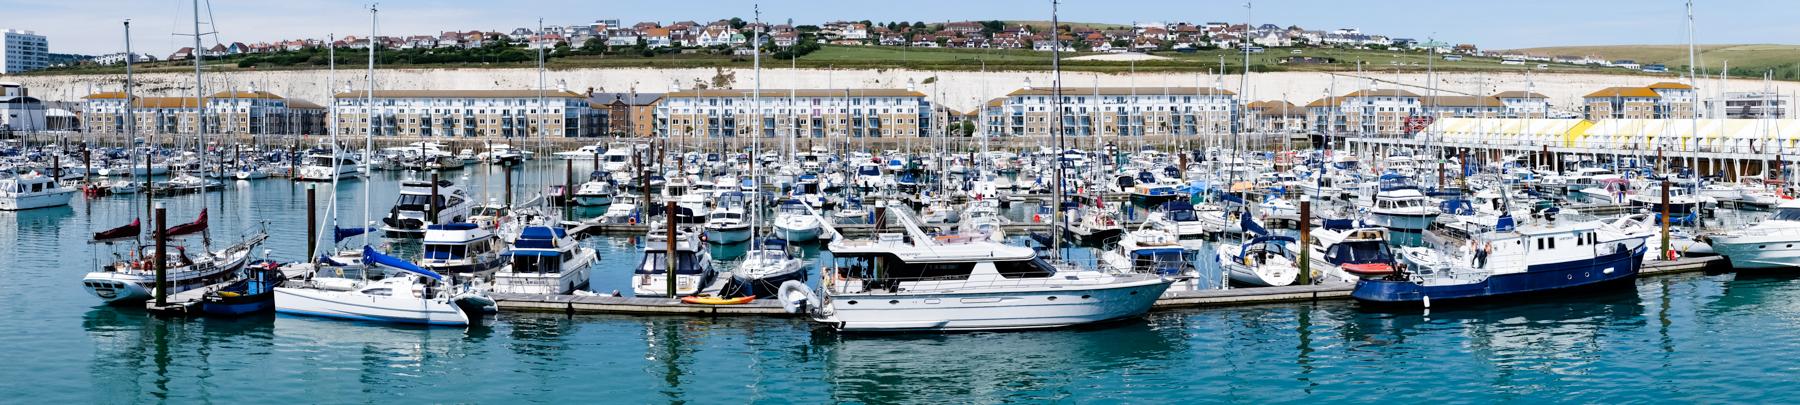 XT1 Brighton Marina